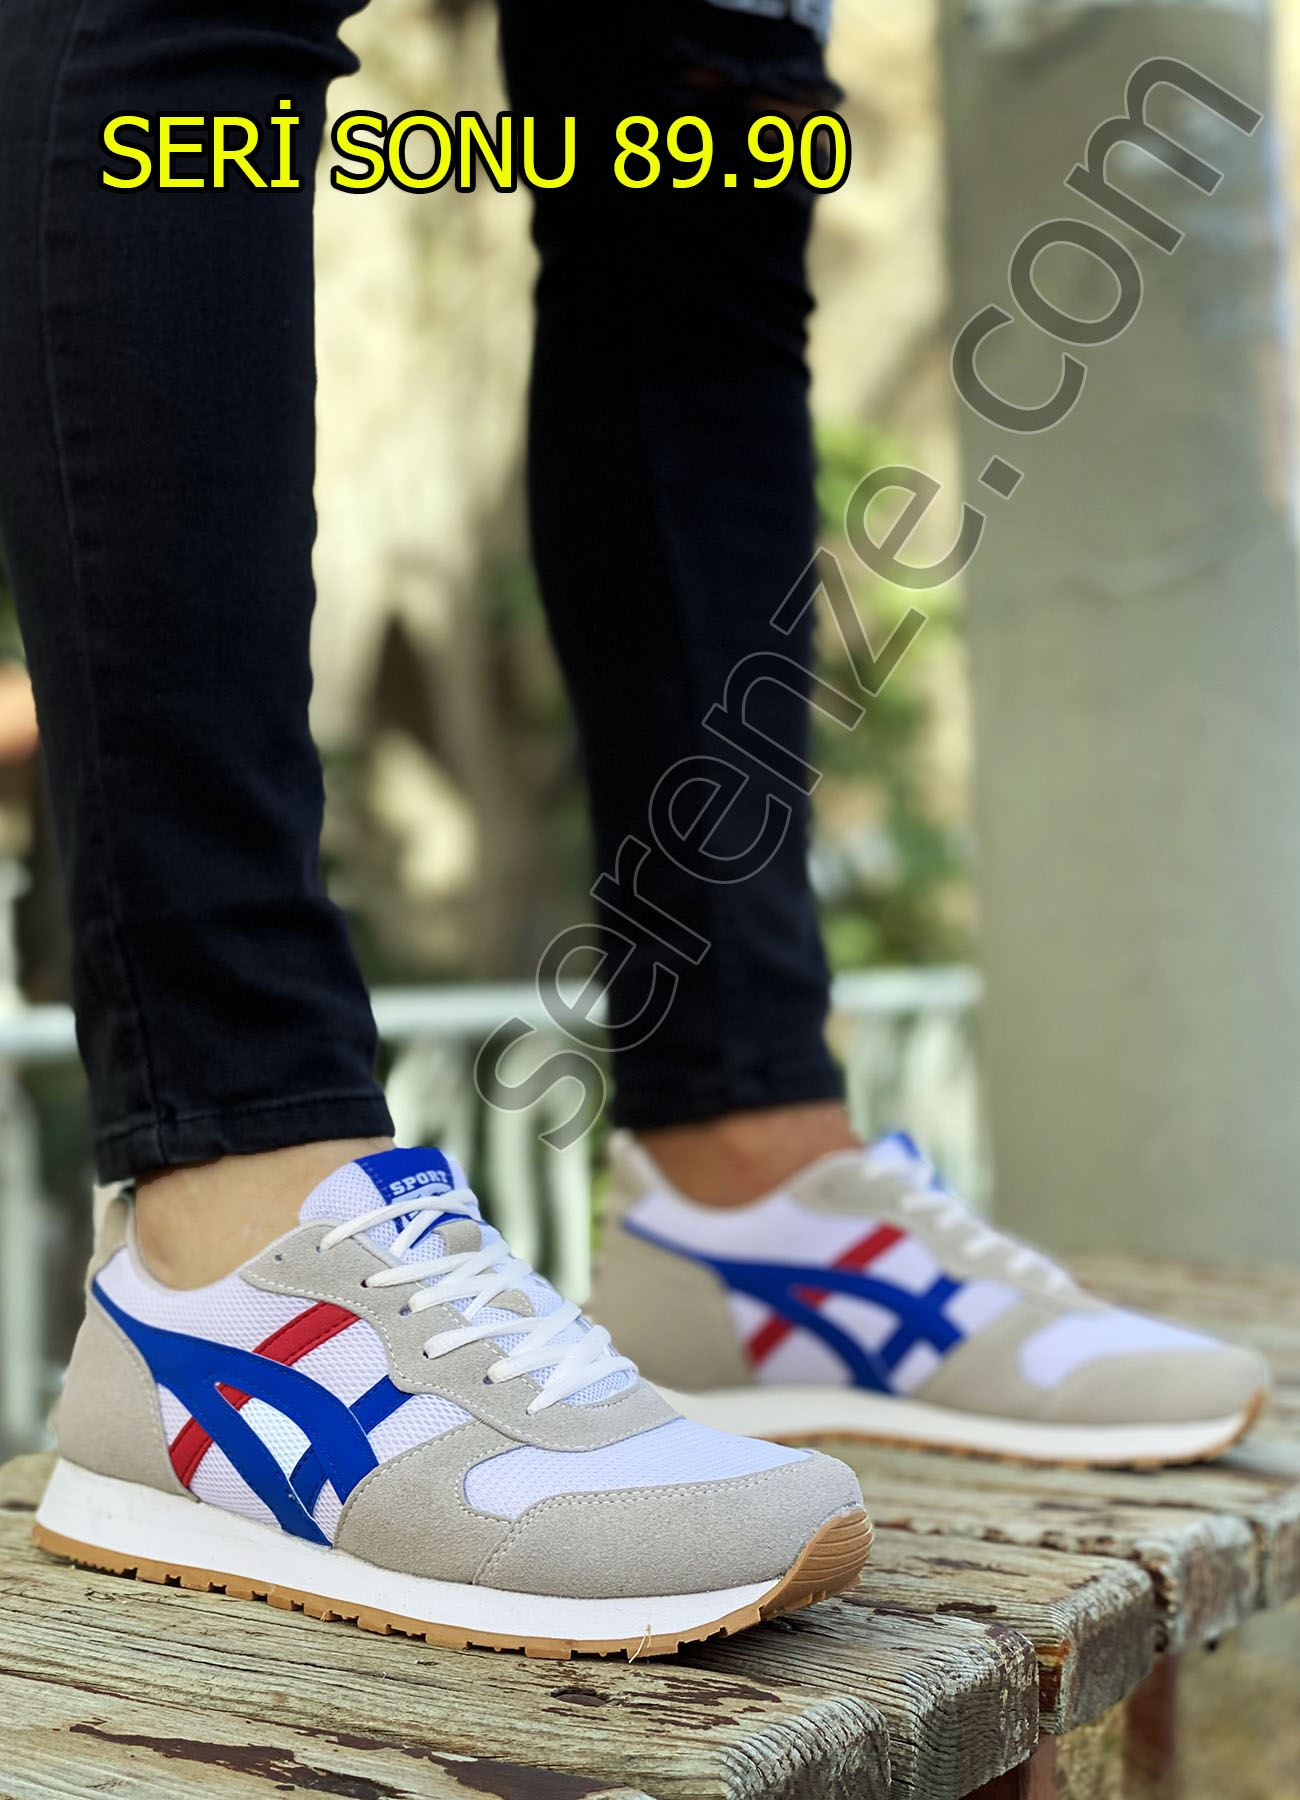 Beyaz Mavi Çizgi Detay Erkek Spor Ayakkabı